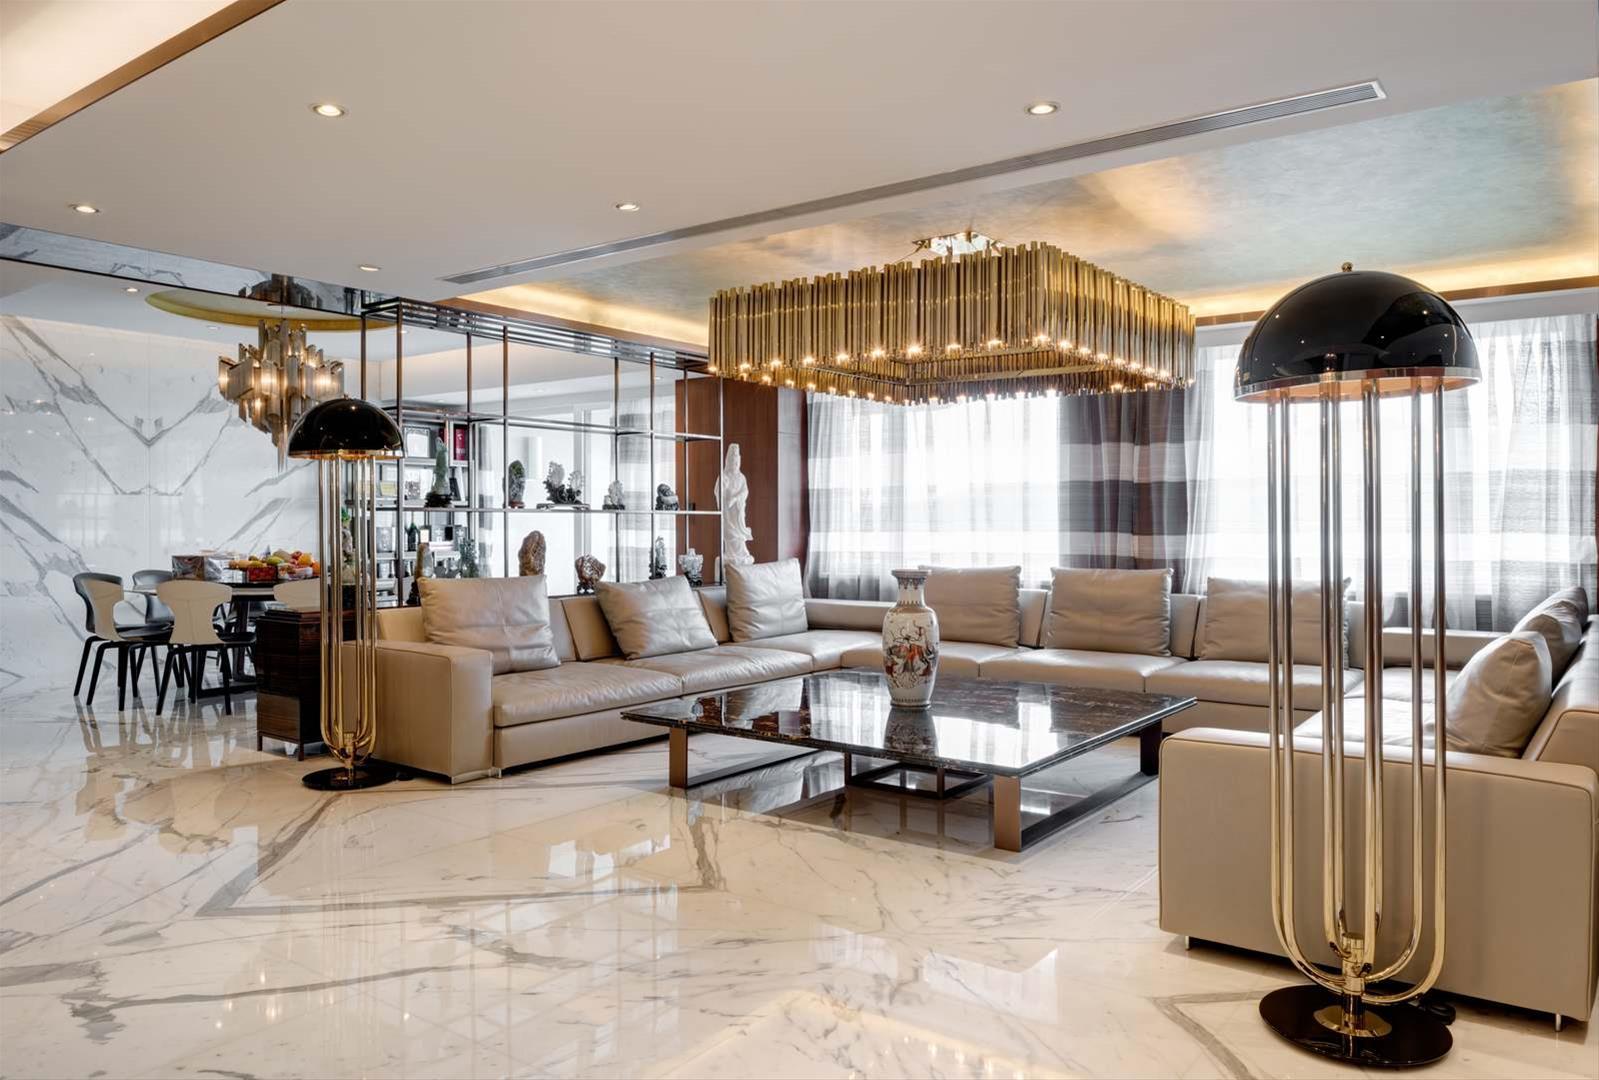 Un nuovo progetto per una casa di lusso in cina for Immagini case di lusso